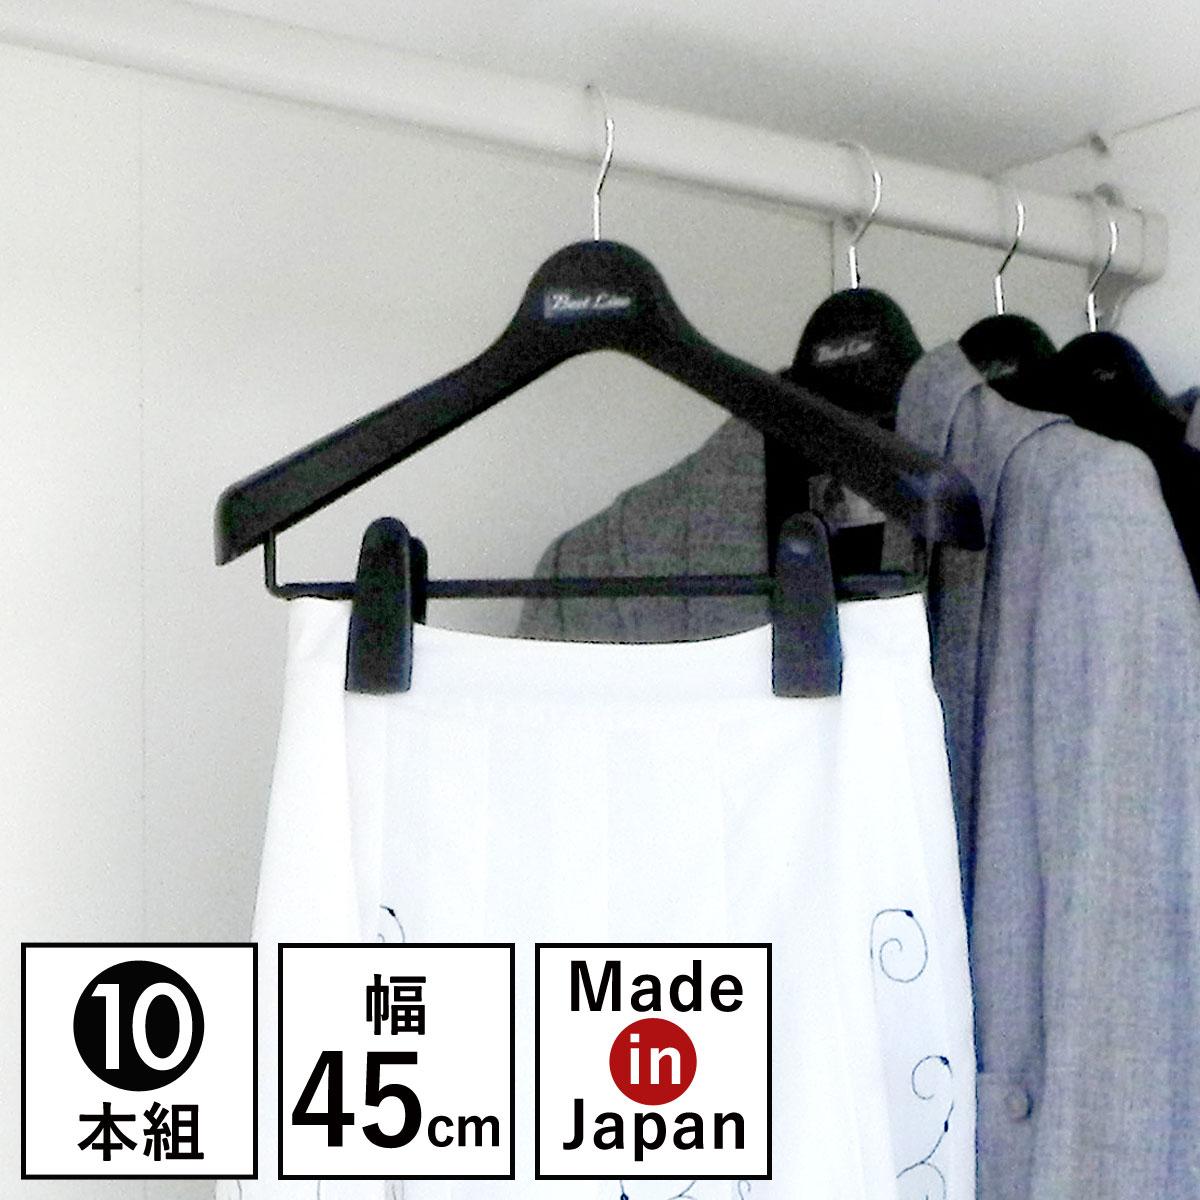 ハンガー セット 名入れ ジャケット スーツ 収納 クリップ 肩幅45cm ベストライン ジャケットビッグクリップ45 10本セット 日本製